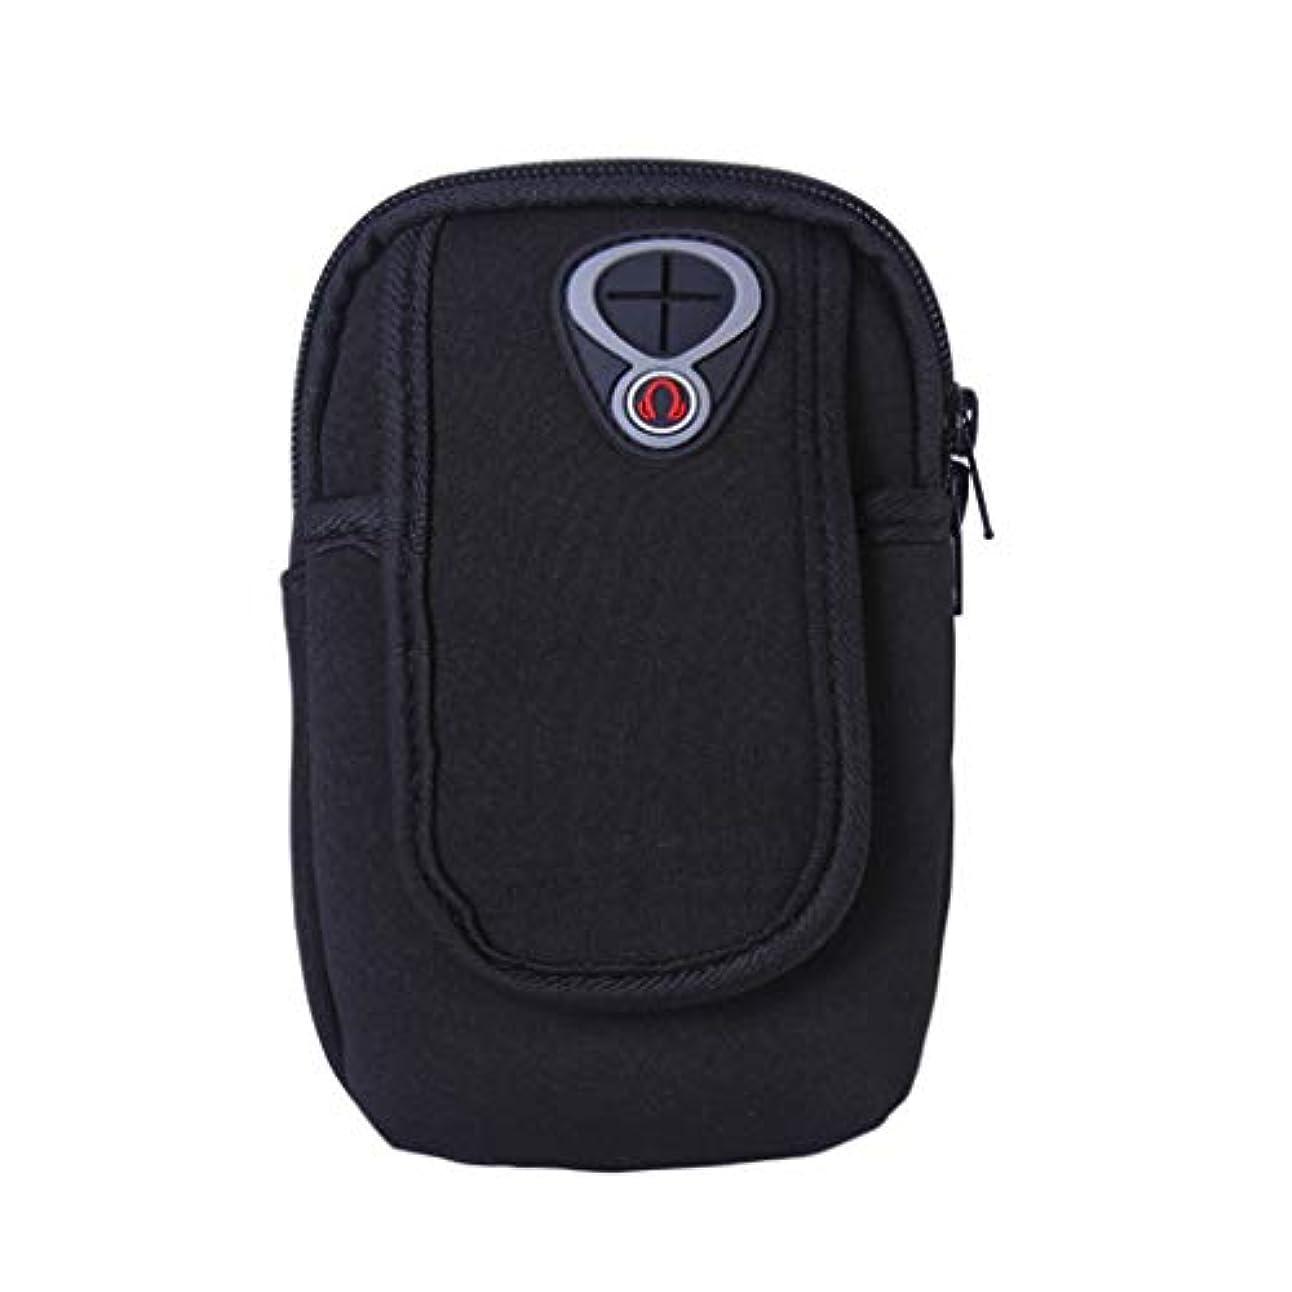 蘇生する裸ドライバスマートフォンホルダー 携帯ケース YOKINO 通気性抜群 小物収納 防水防汗 軽量 縫い目なし 調節可能 男女共用